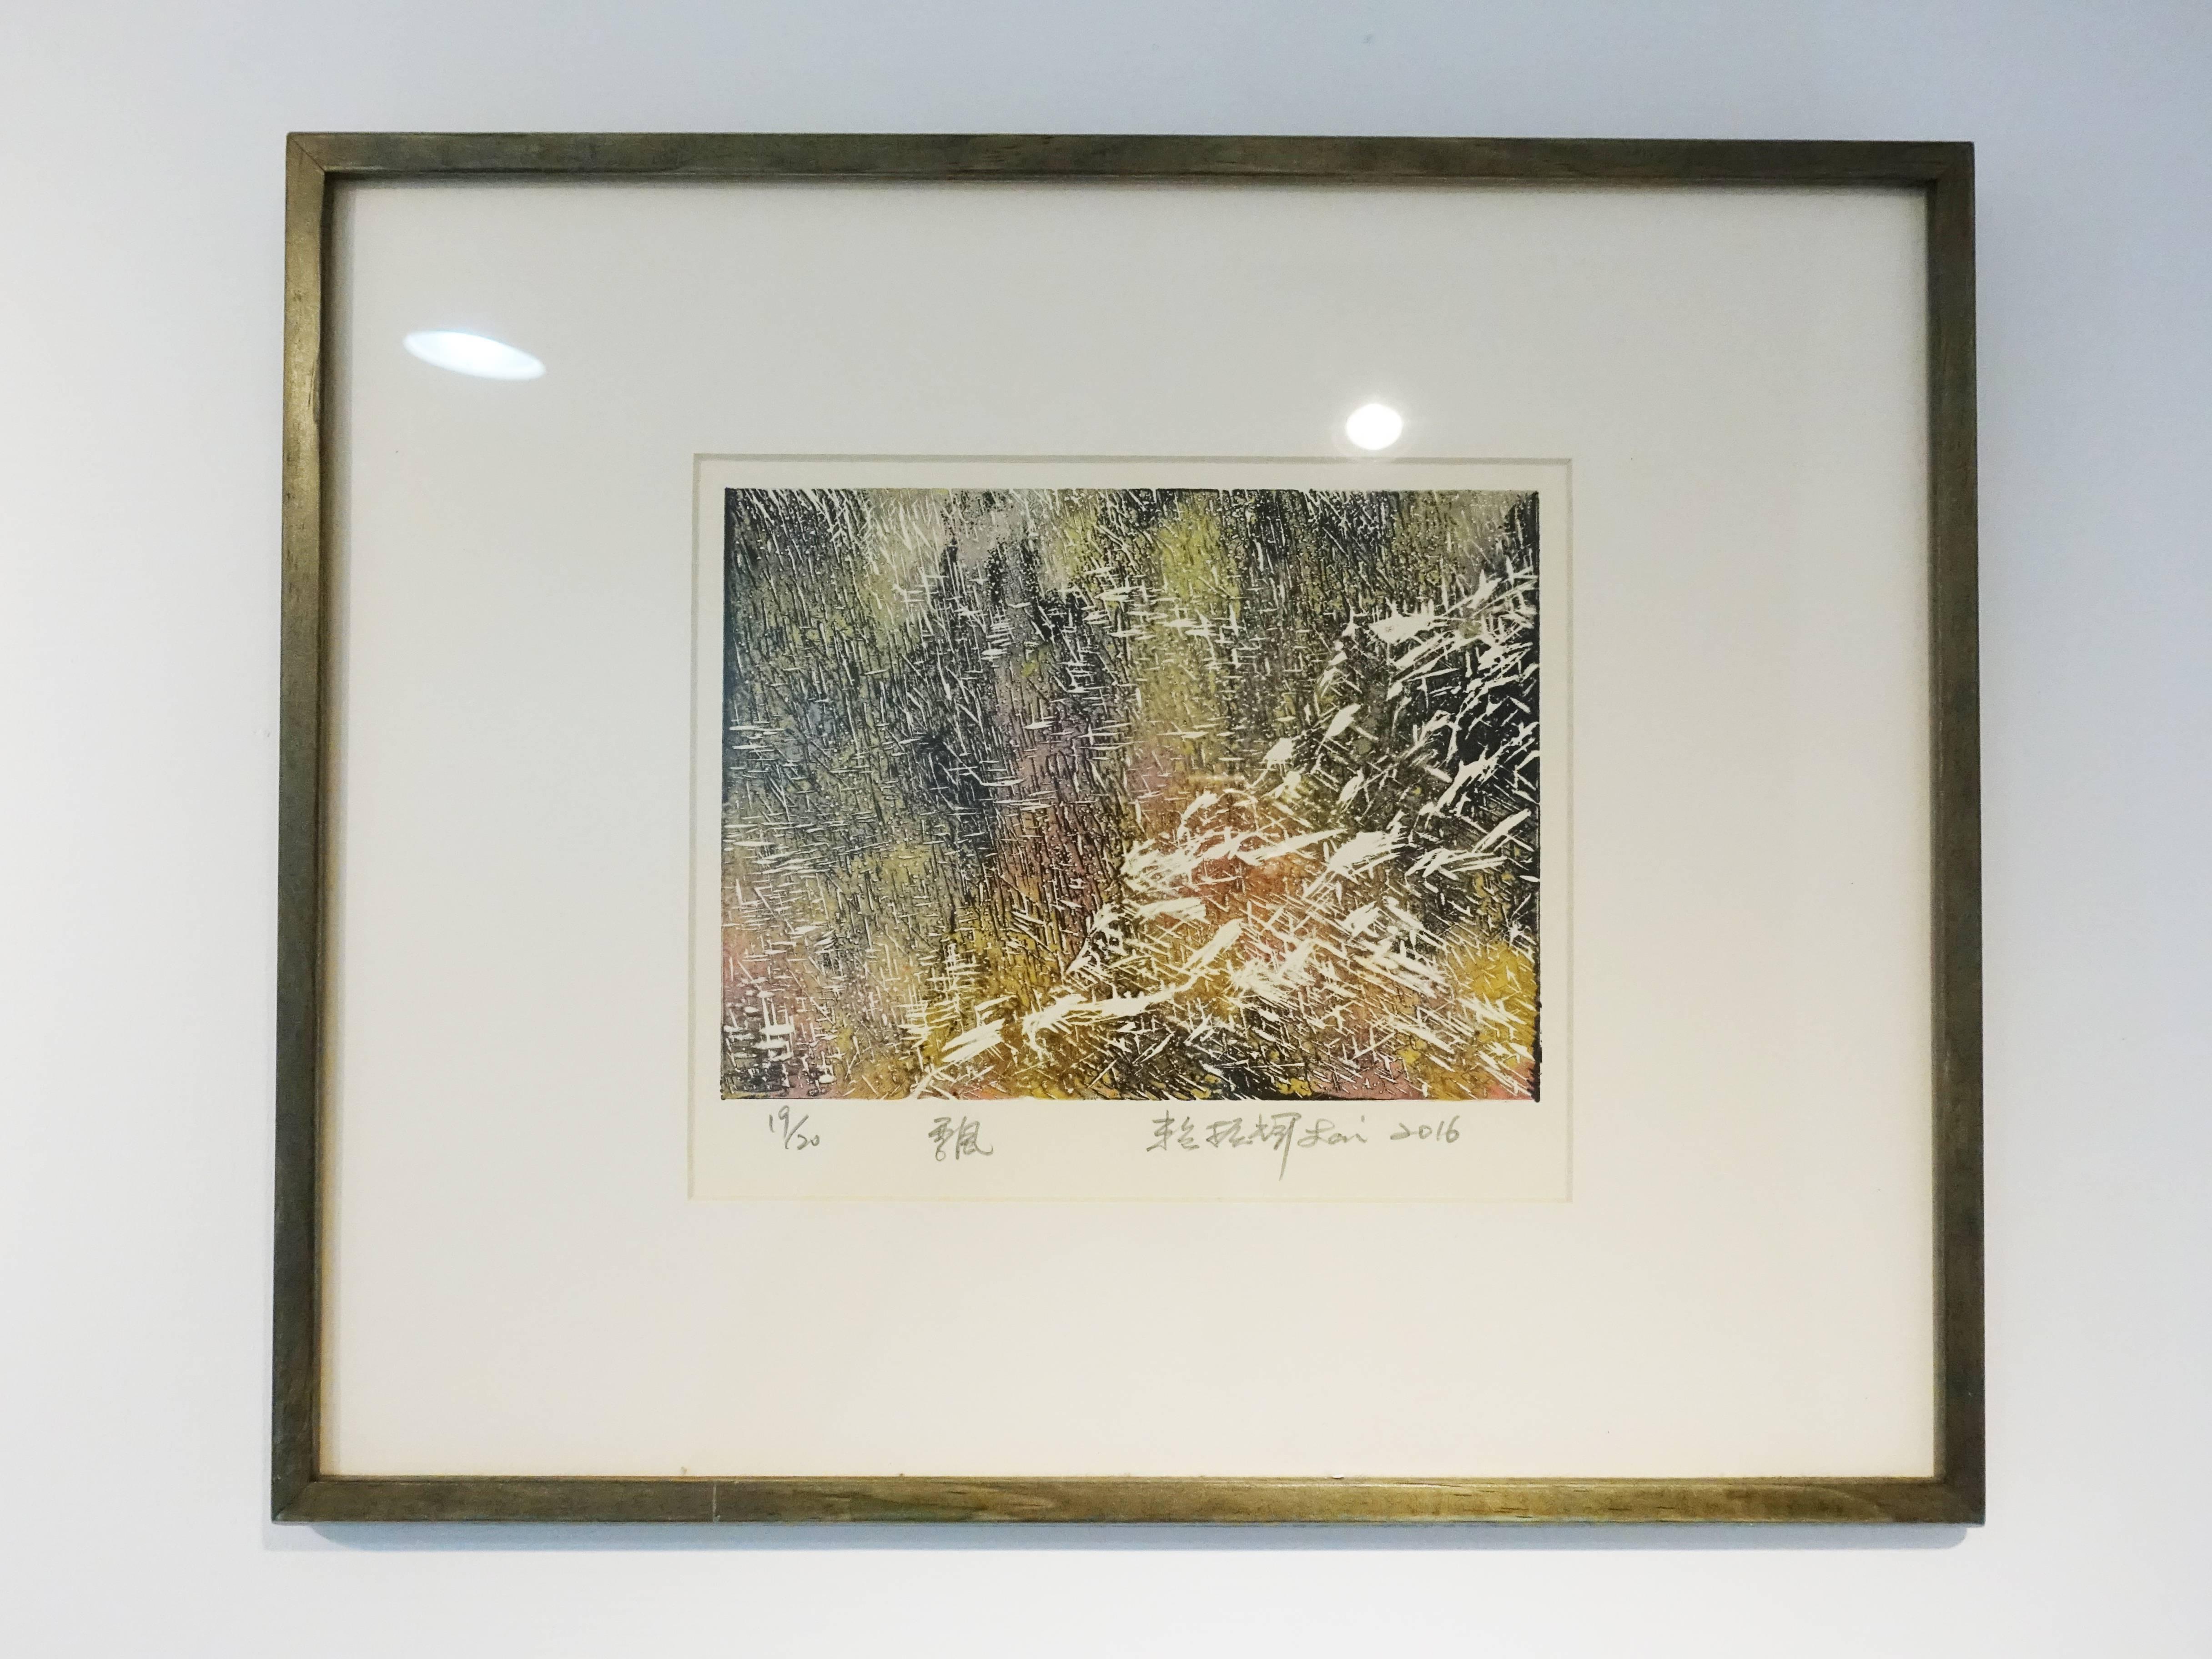 賴振輝,《飄》,15 x 20 cm,19/20,新樹脂版,2016。